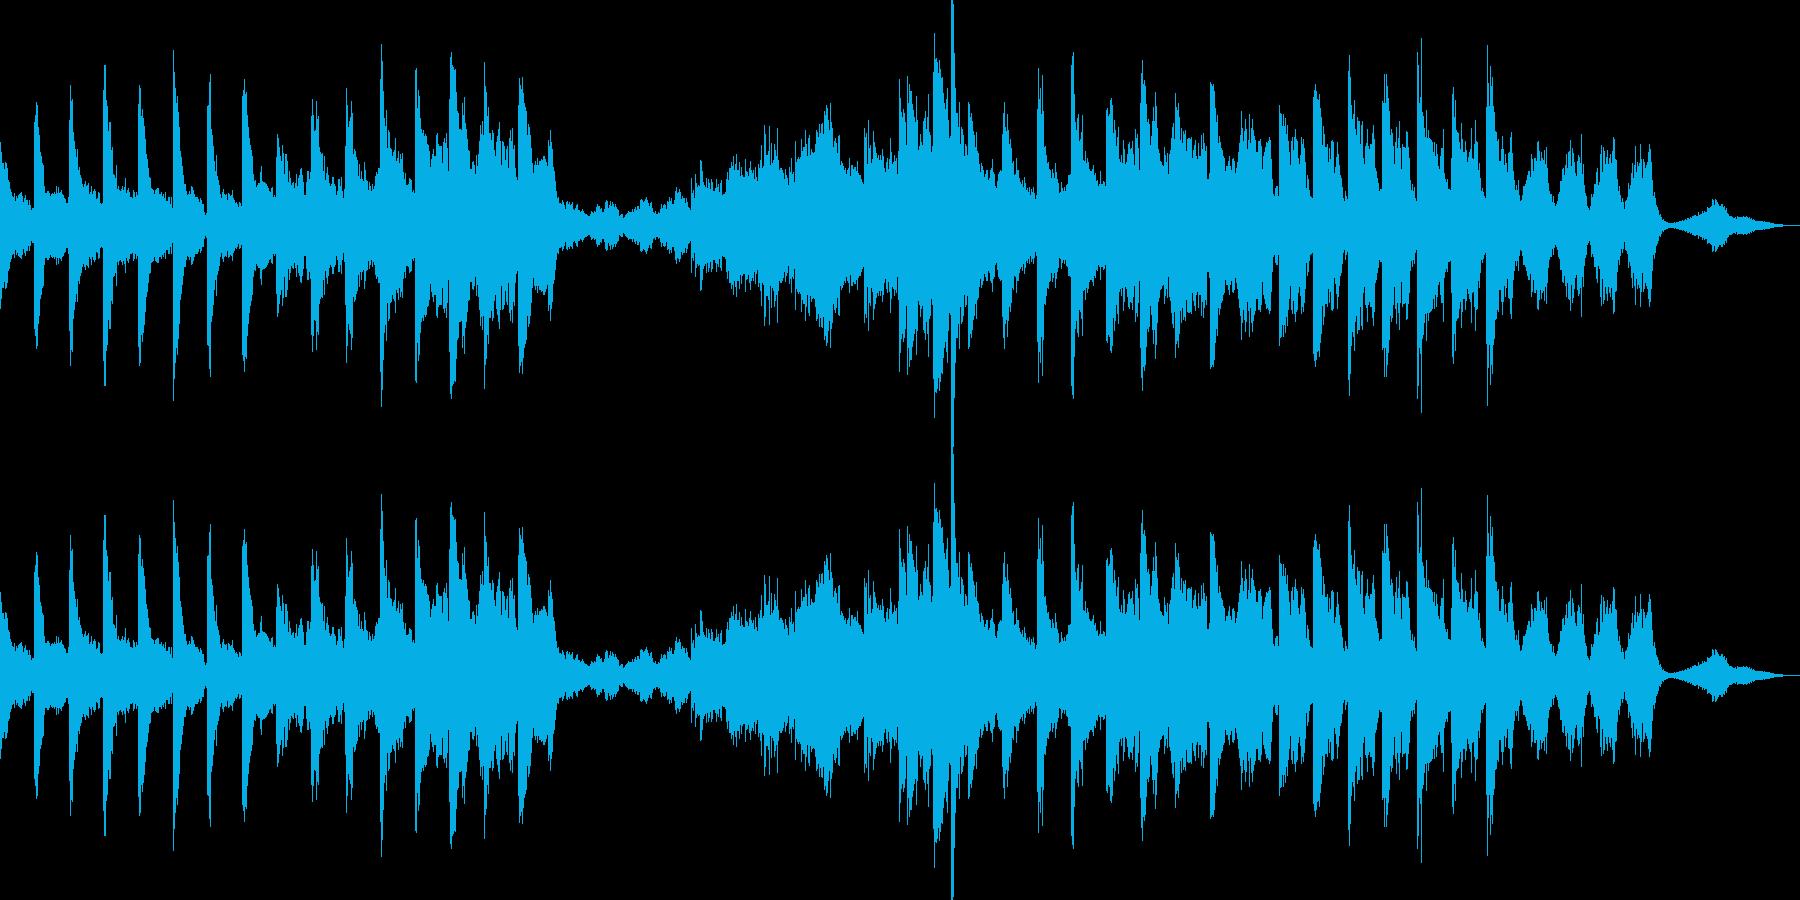 シンセサイザーとノイズで作る壮大な海の再生済みの波形